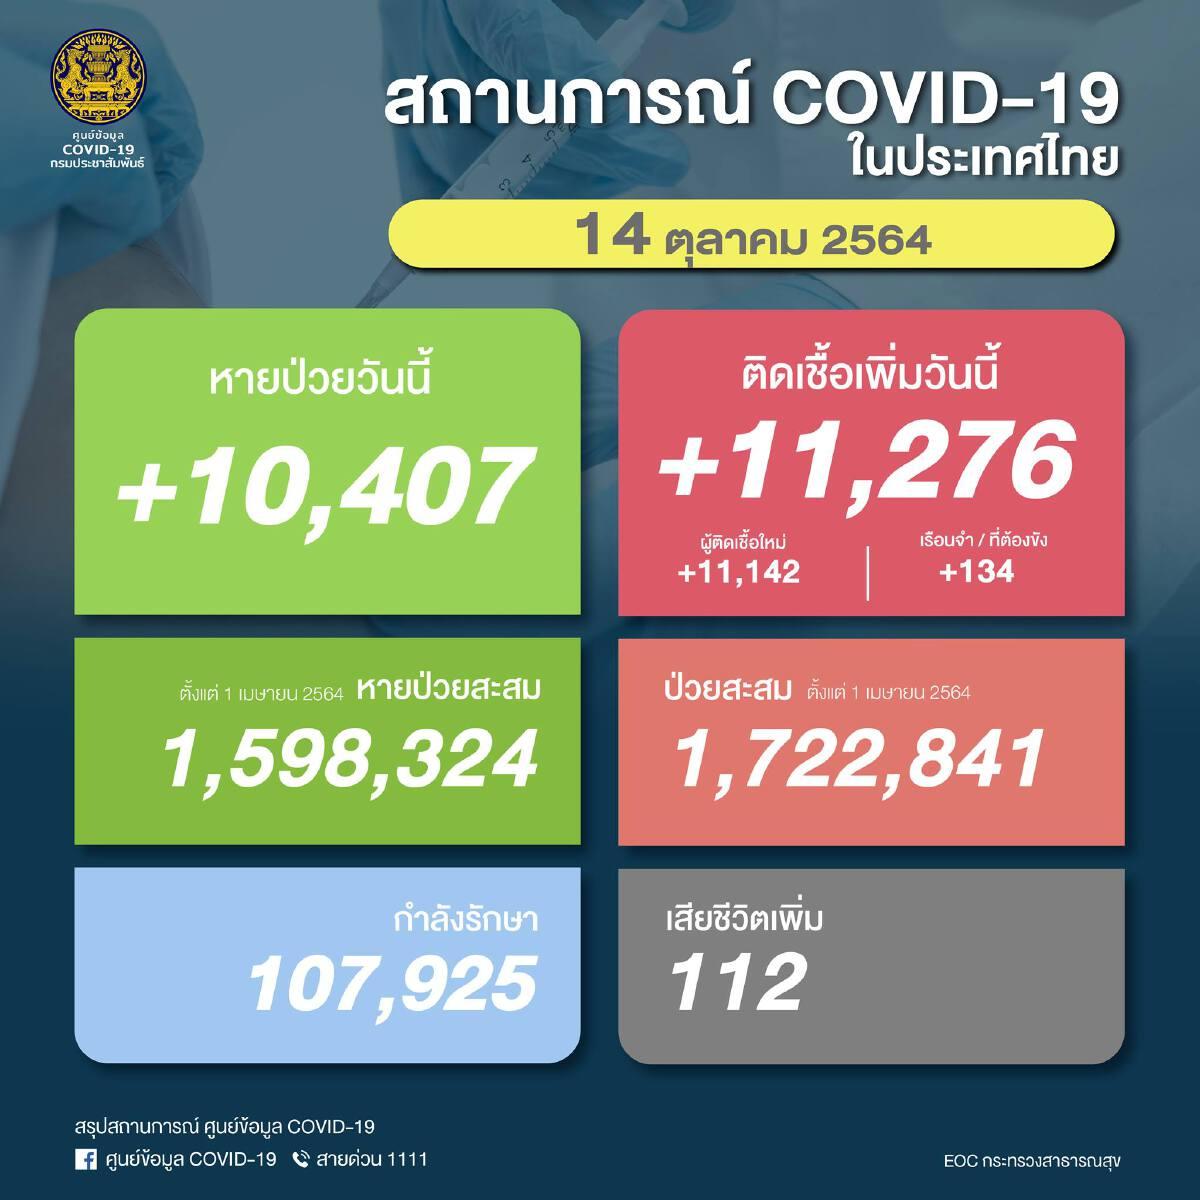 ด่วน! ยอด โควิด-19 วันนี้ พบติดเชื้อเพิ่ม 11,276 ราย เสียชีวิต 112 ราย ATK อีก 3,209 ราย